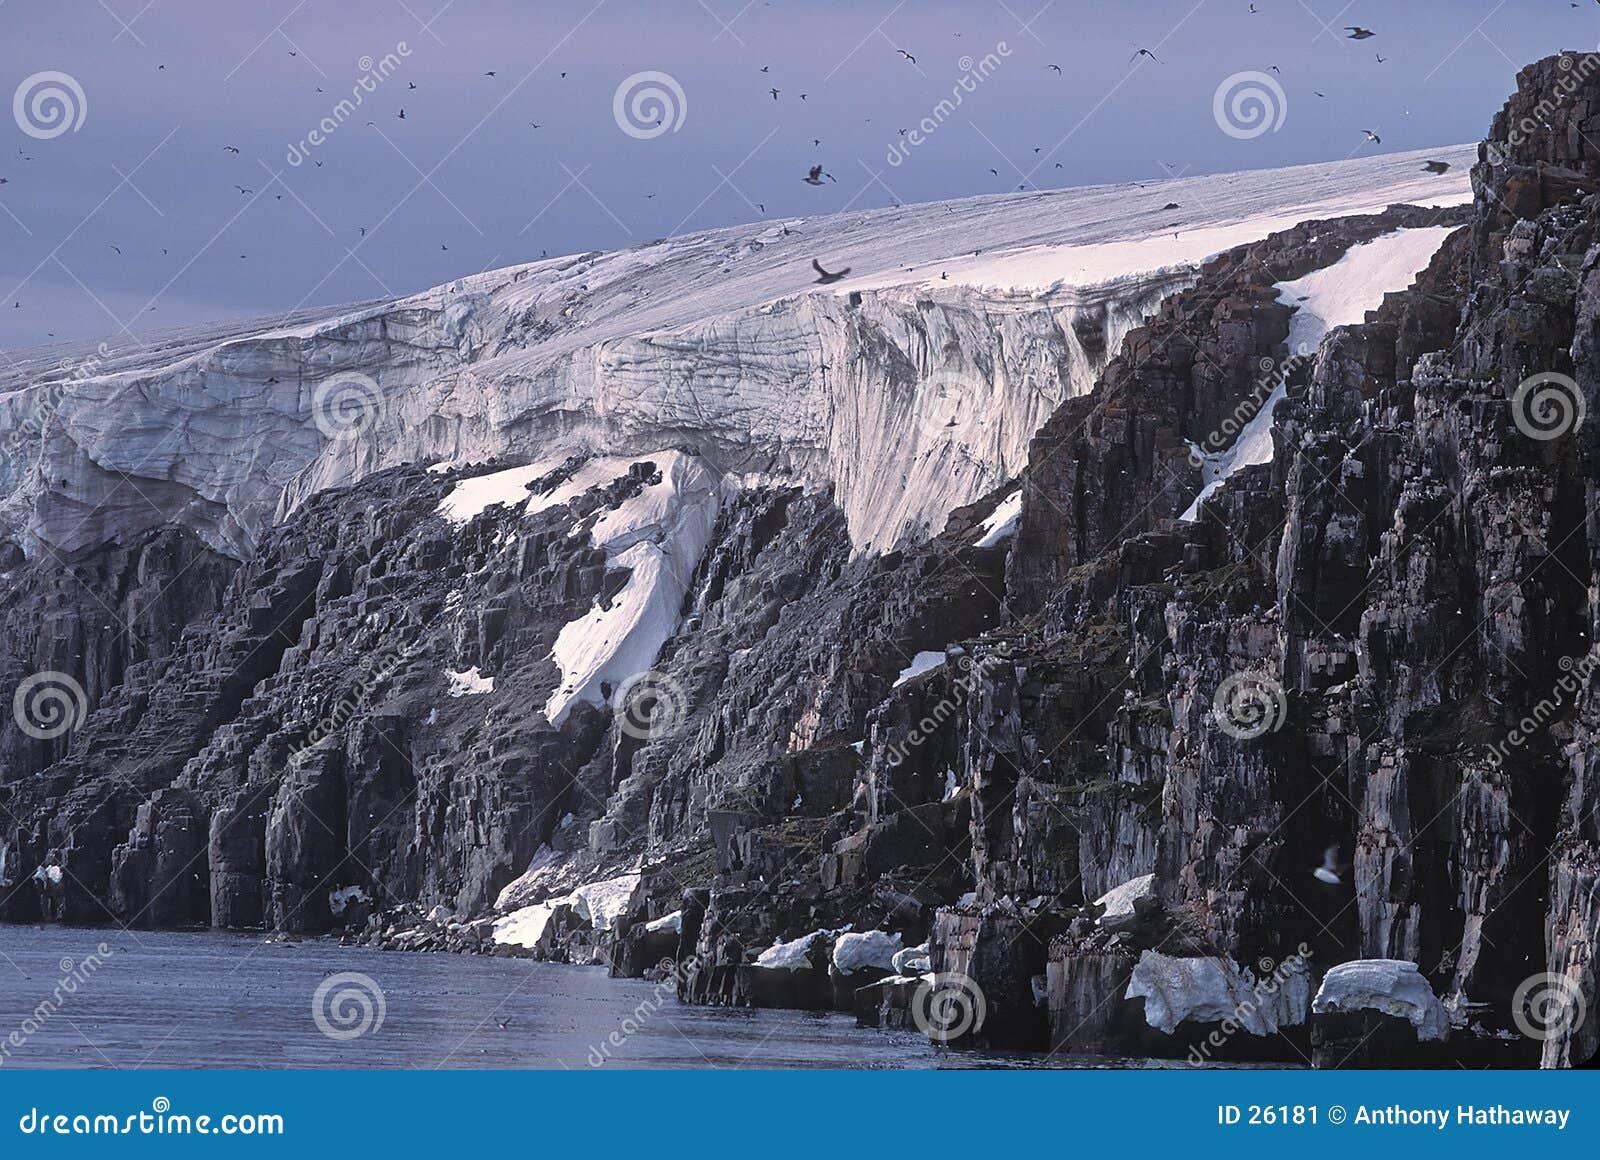 Glaciar, acantilados del pájaro y murres